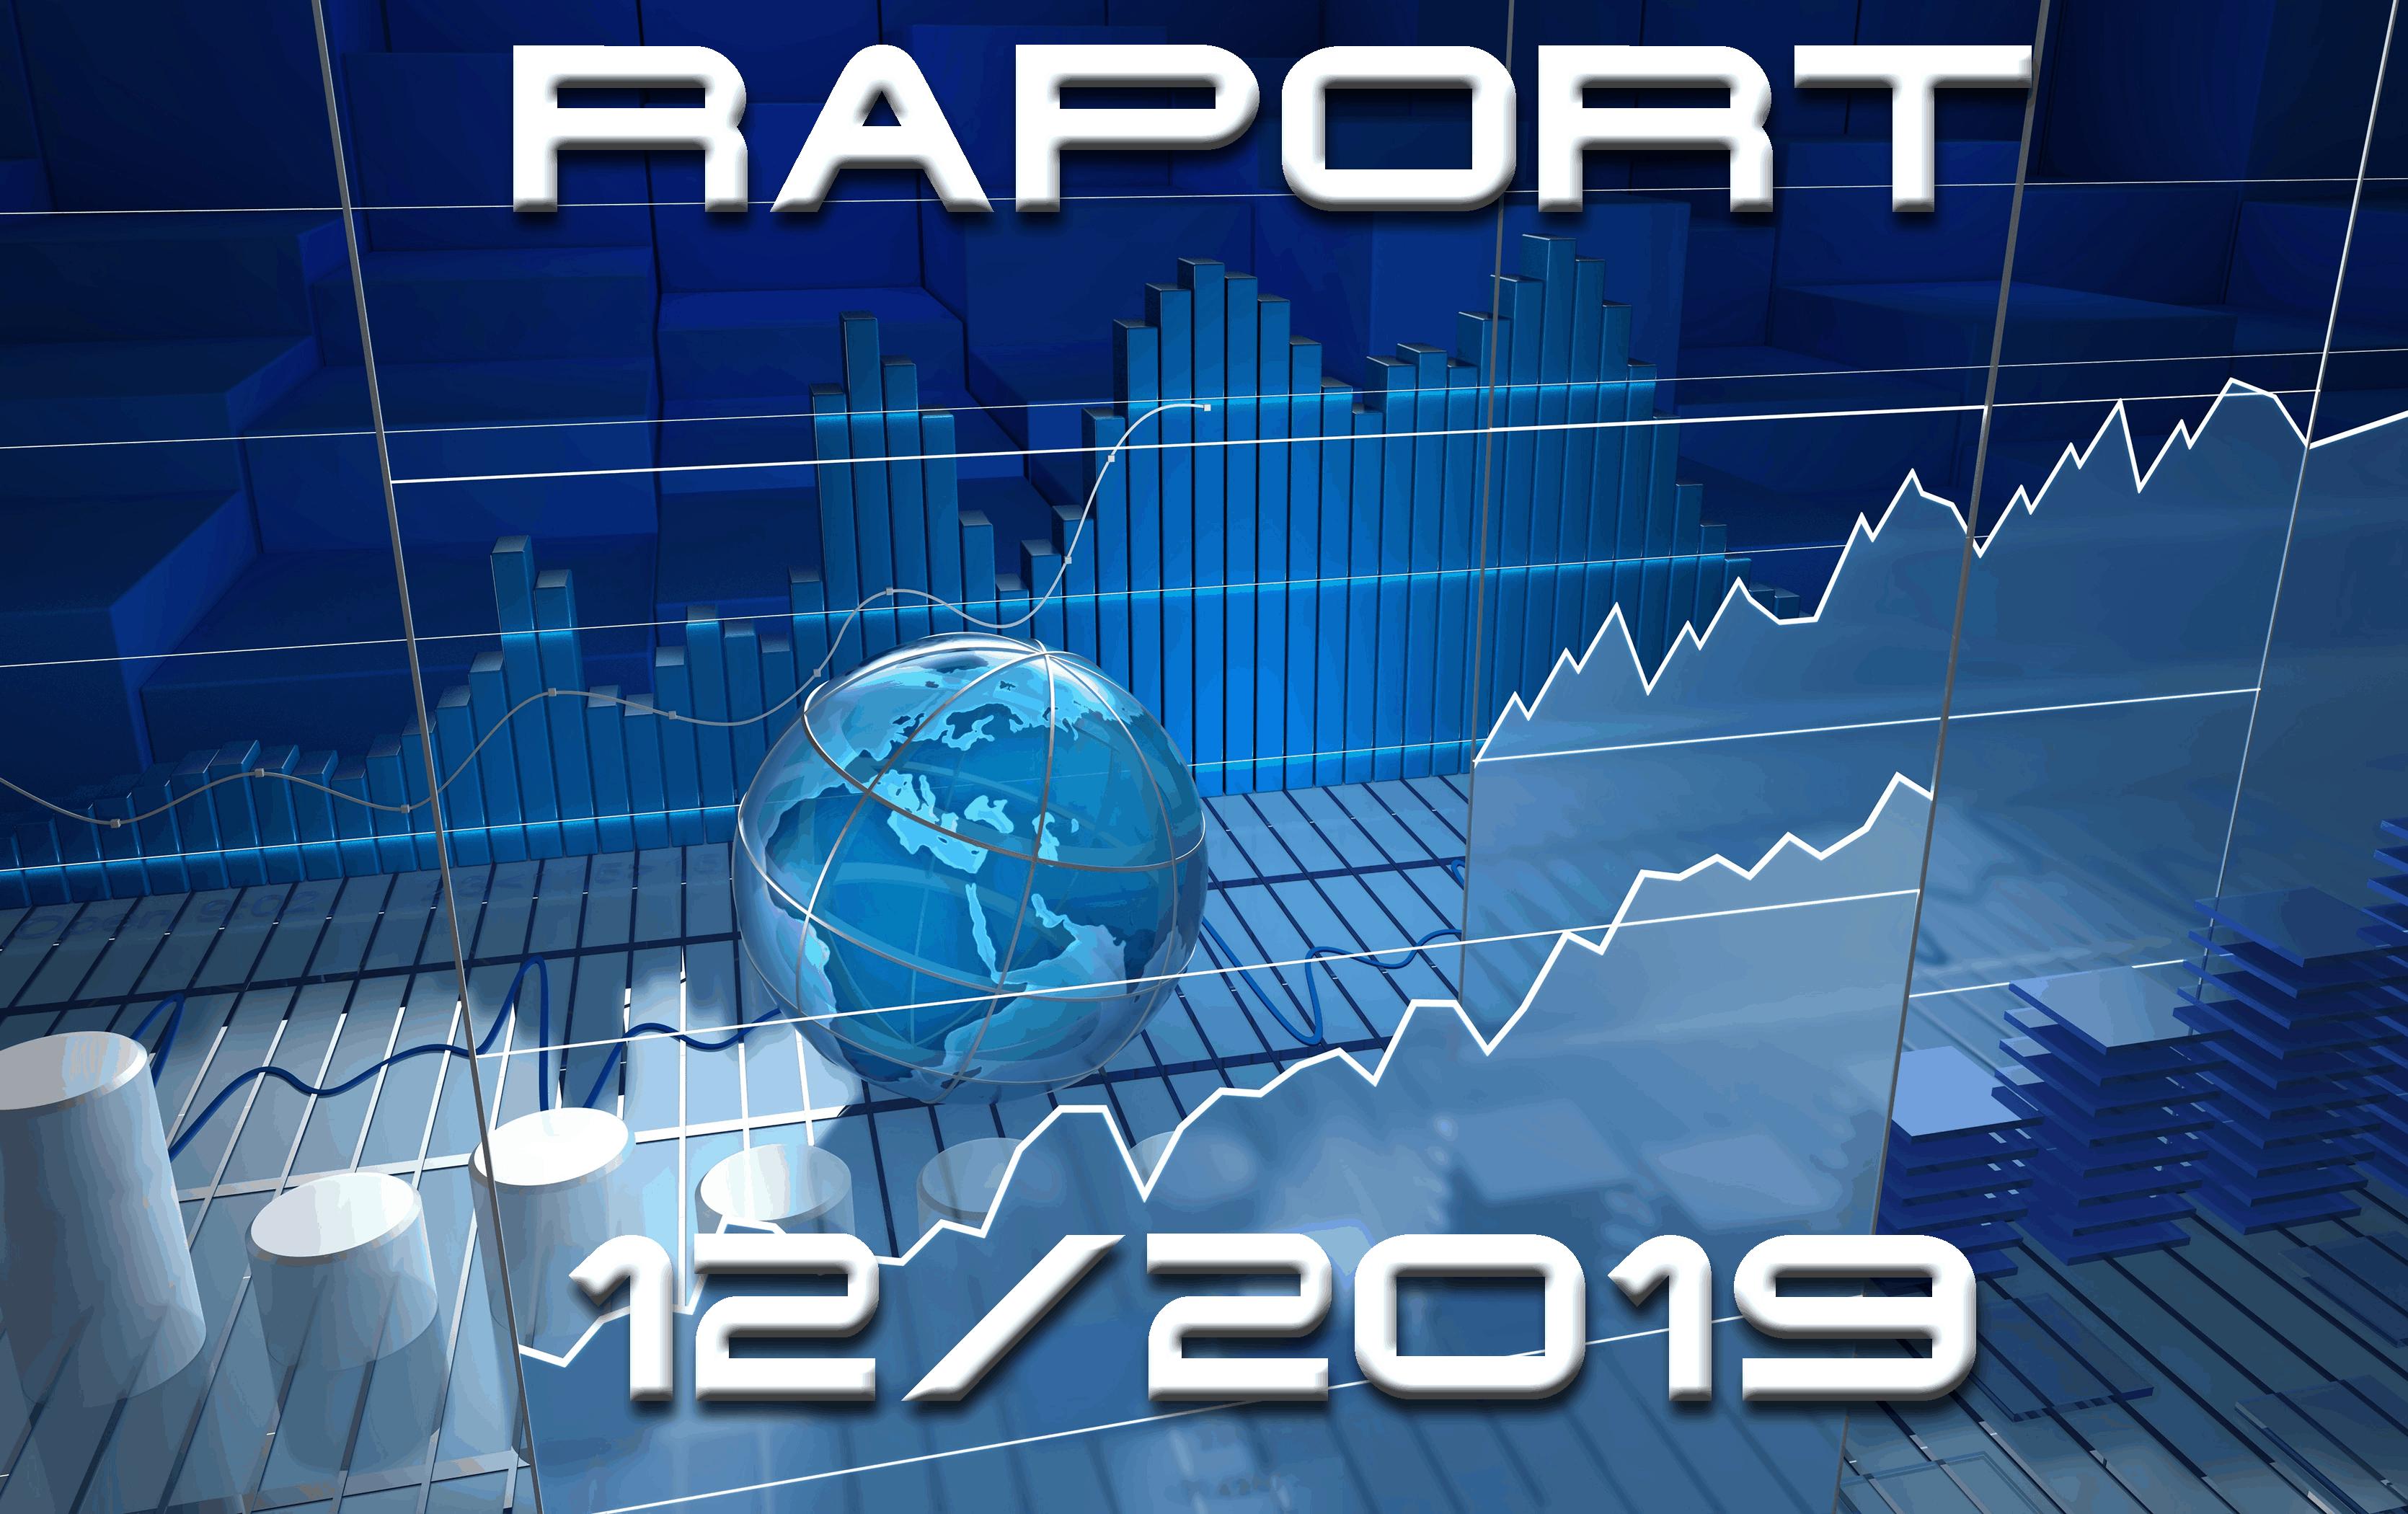 intraday'owa statystyka - raport grudzień 2019